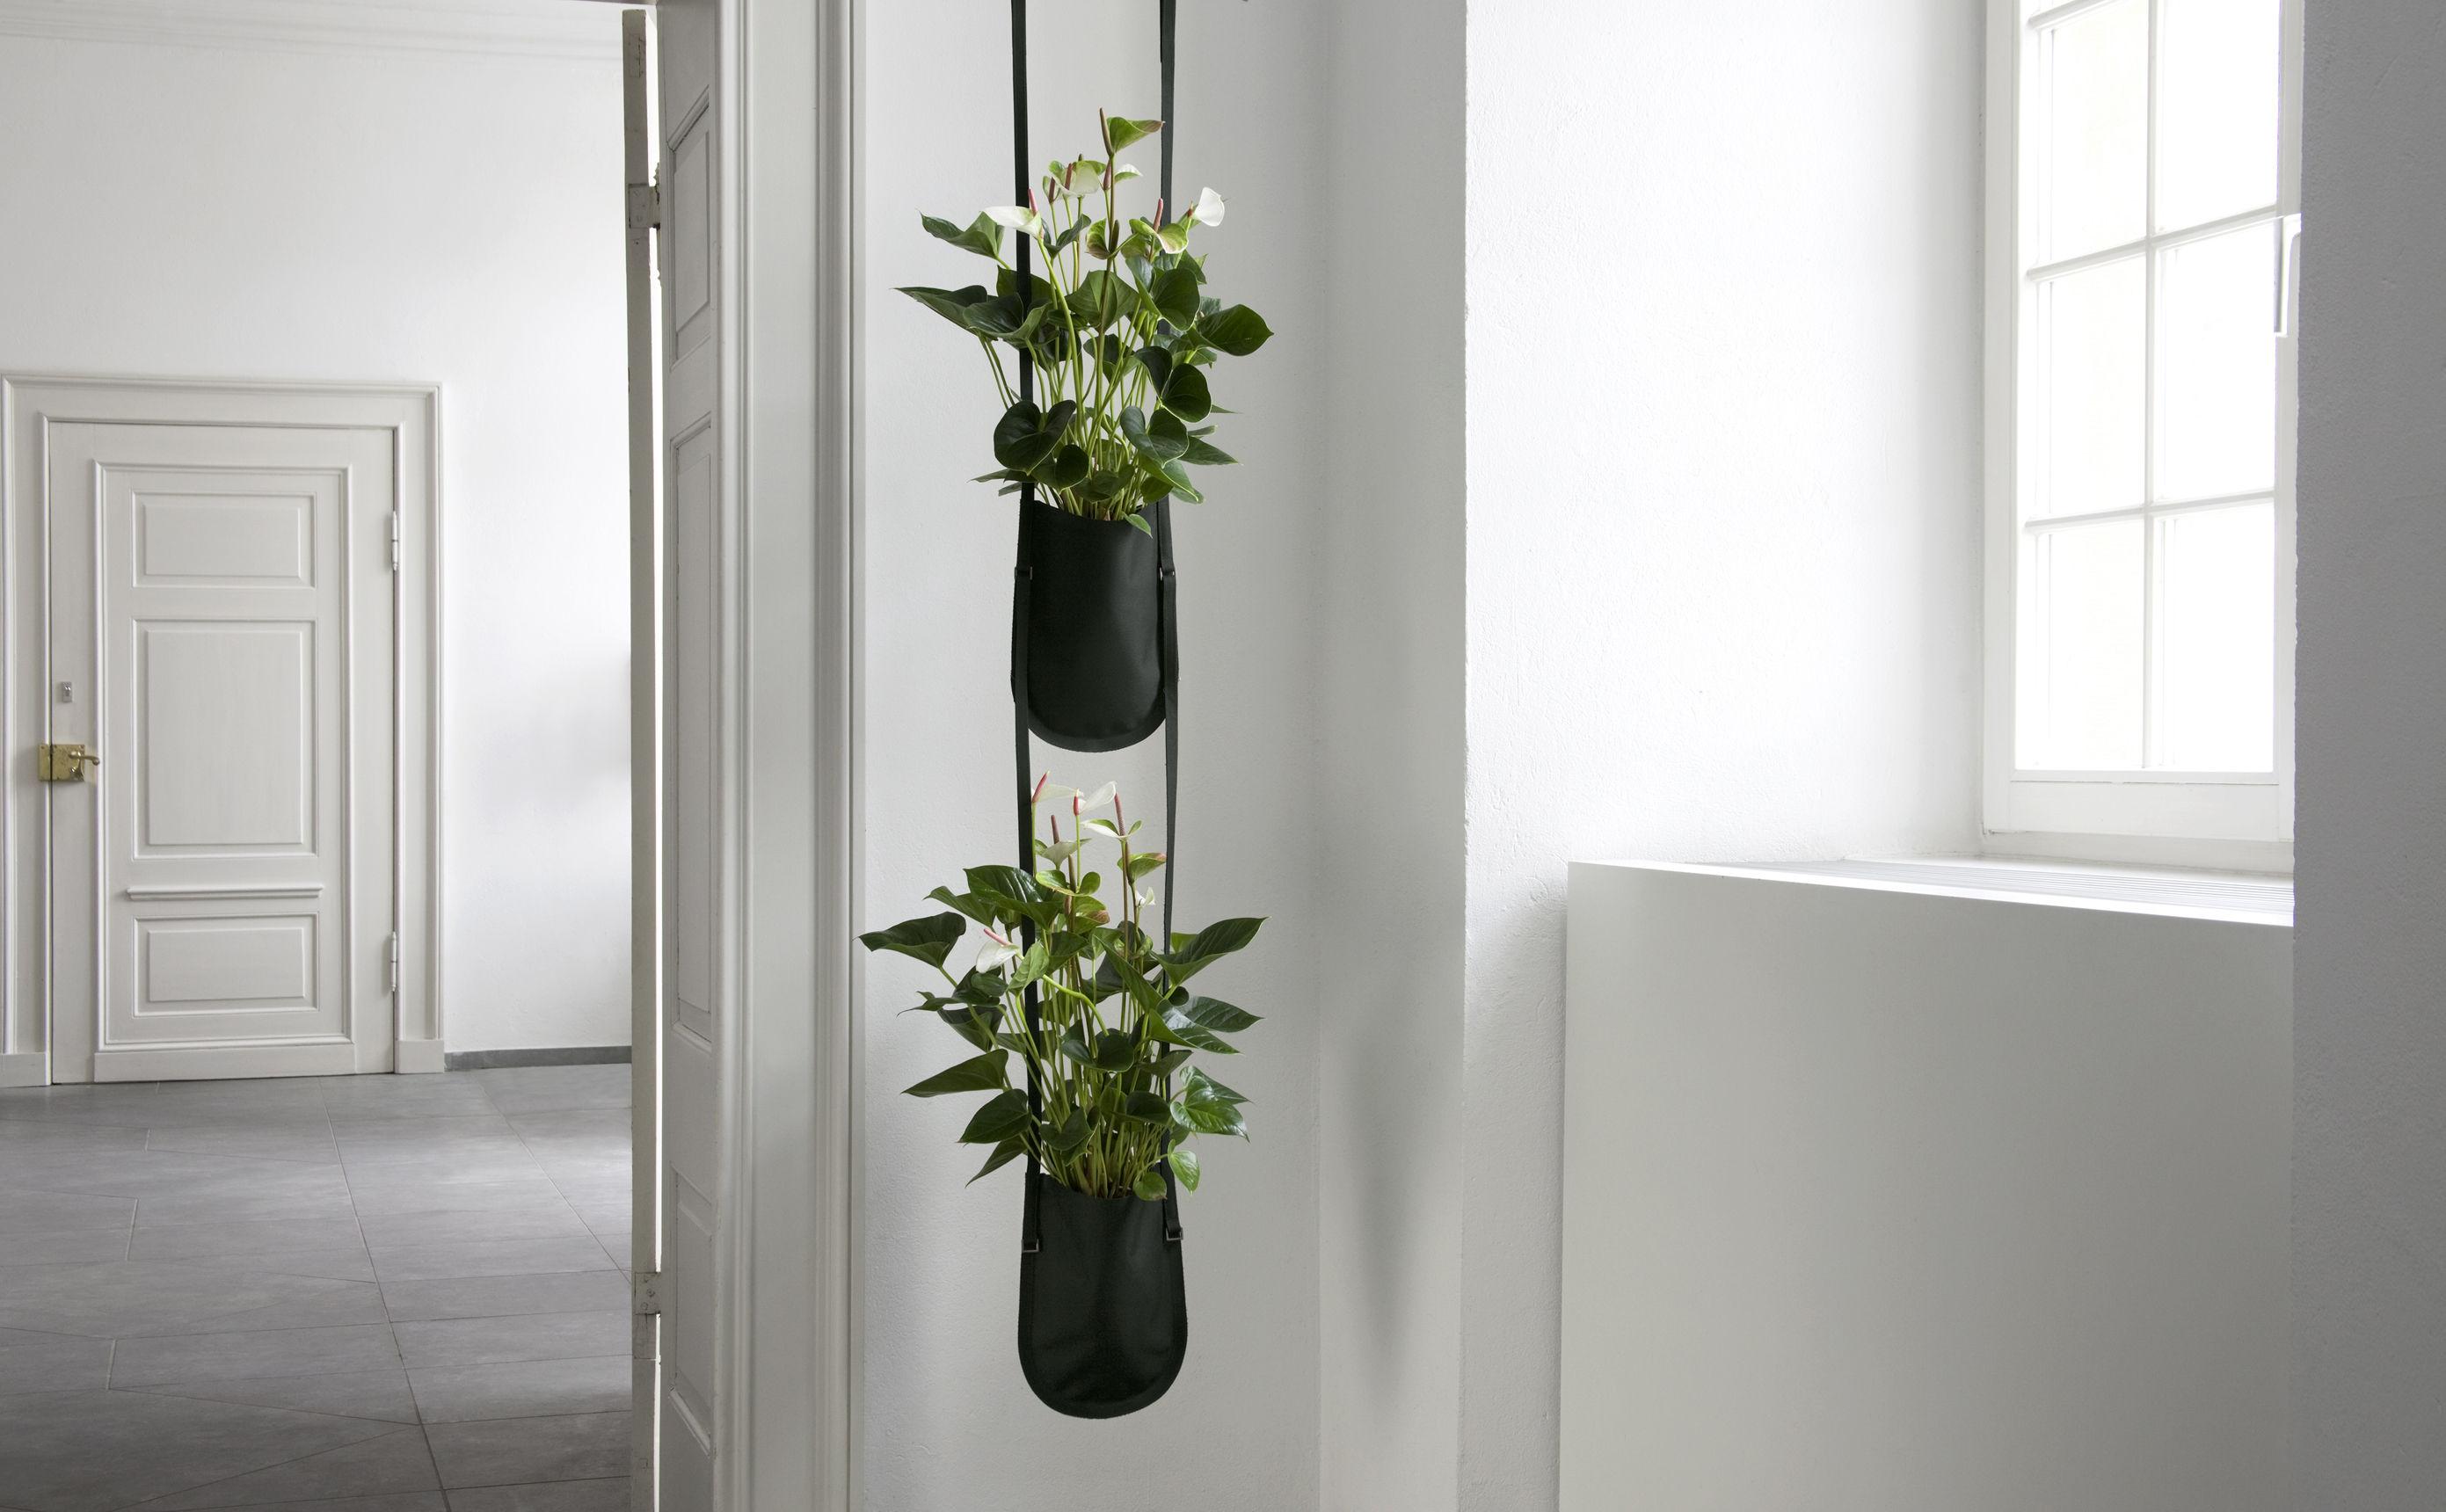 pot de fleurs urban garden bag small a suspendre 1 litre plant bag s 1 litre noir. Black Bedroom Furniture Sets. Home Design Ideas